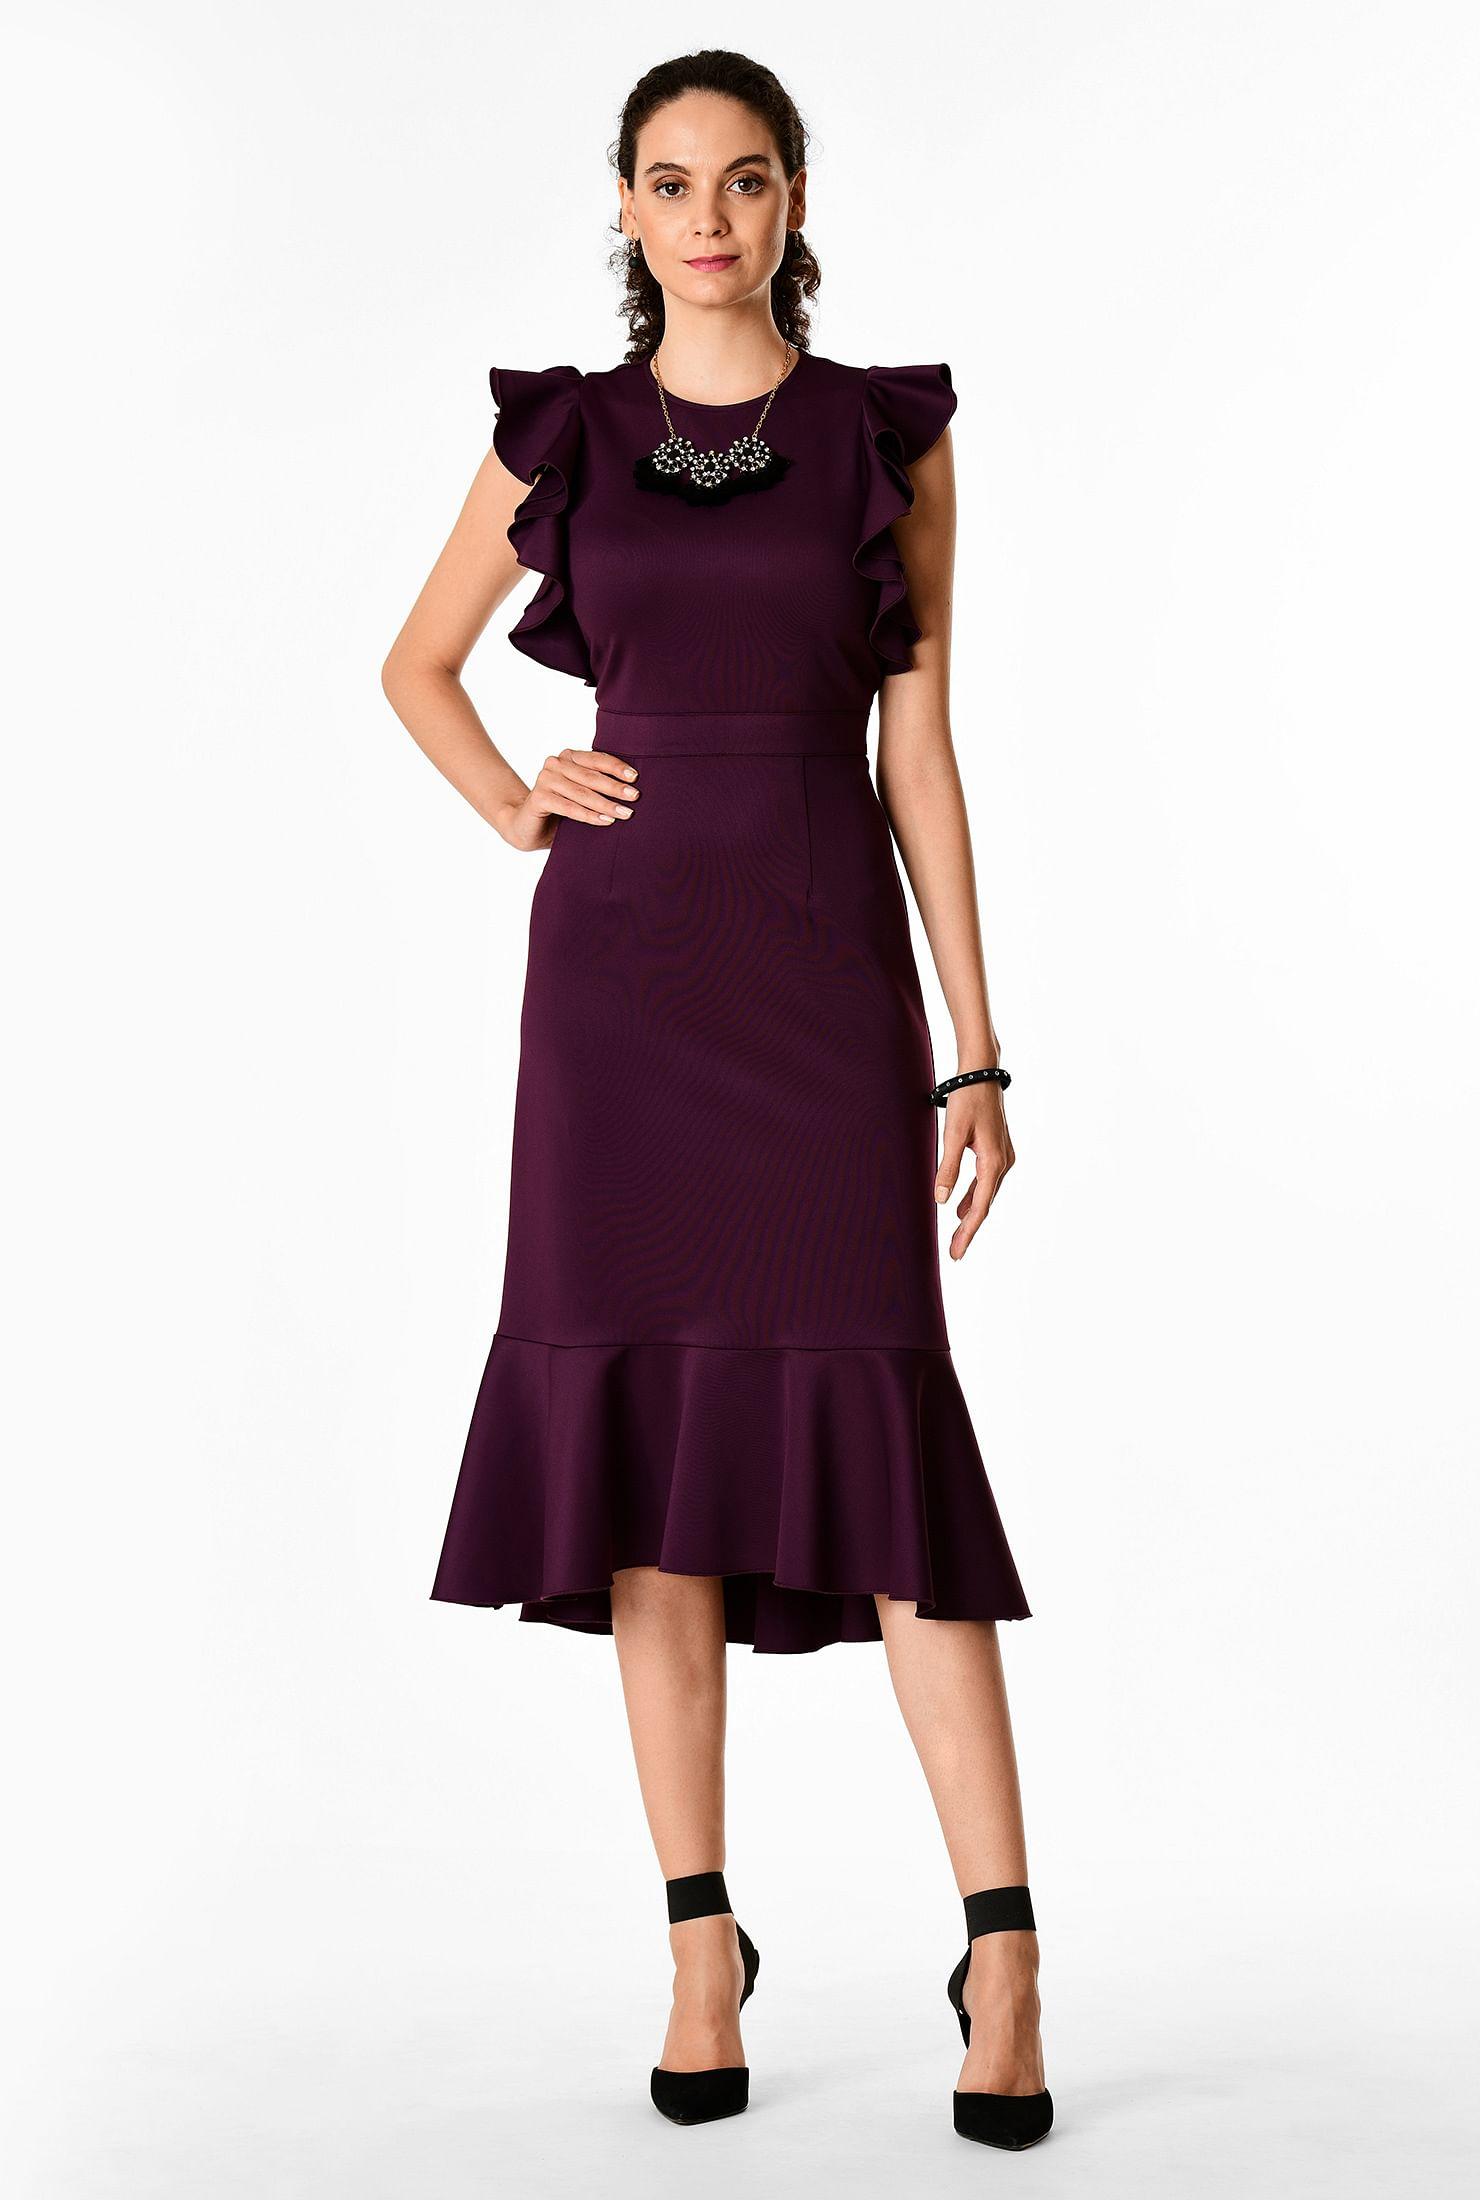 Ruffle sleeve ponte knit flounce hem sheath dress